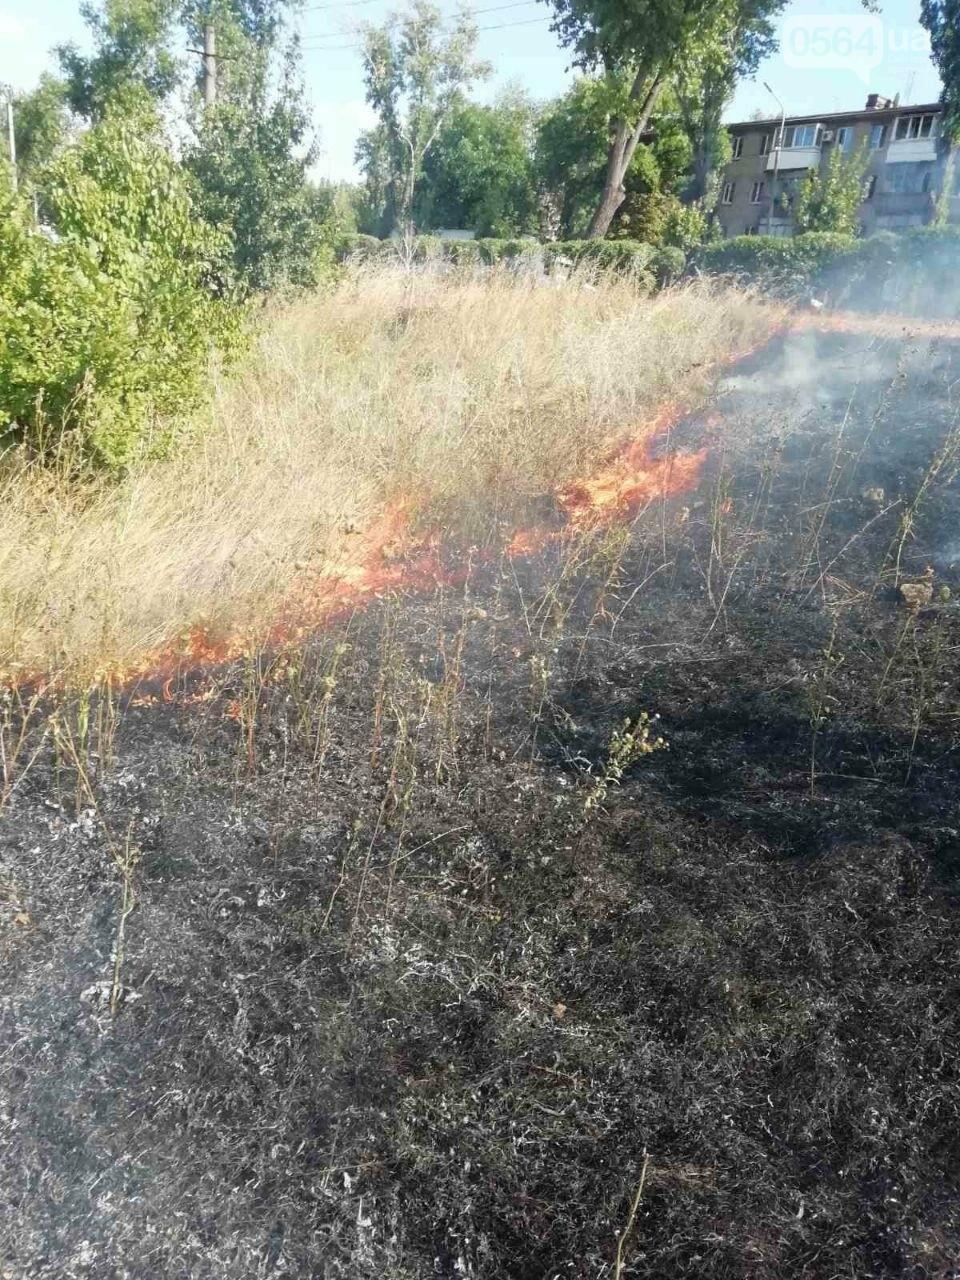 За прошедшие сутки в Кривом Роге произошло 5 пожаров в эко-системе, - ФОТО , фото-6